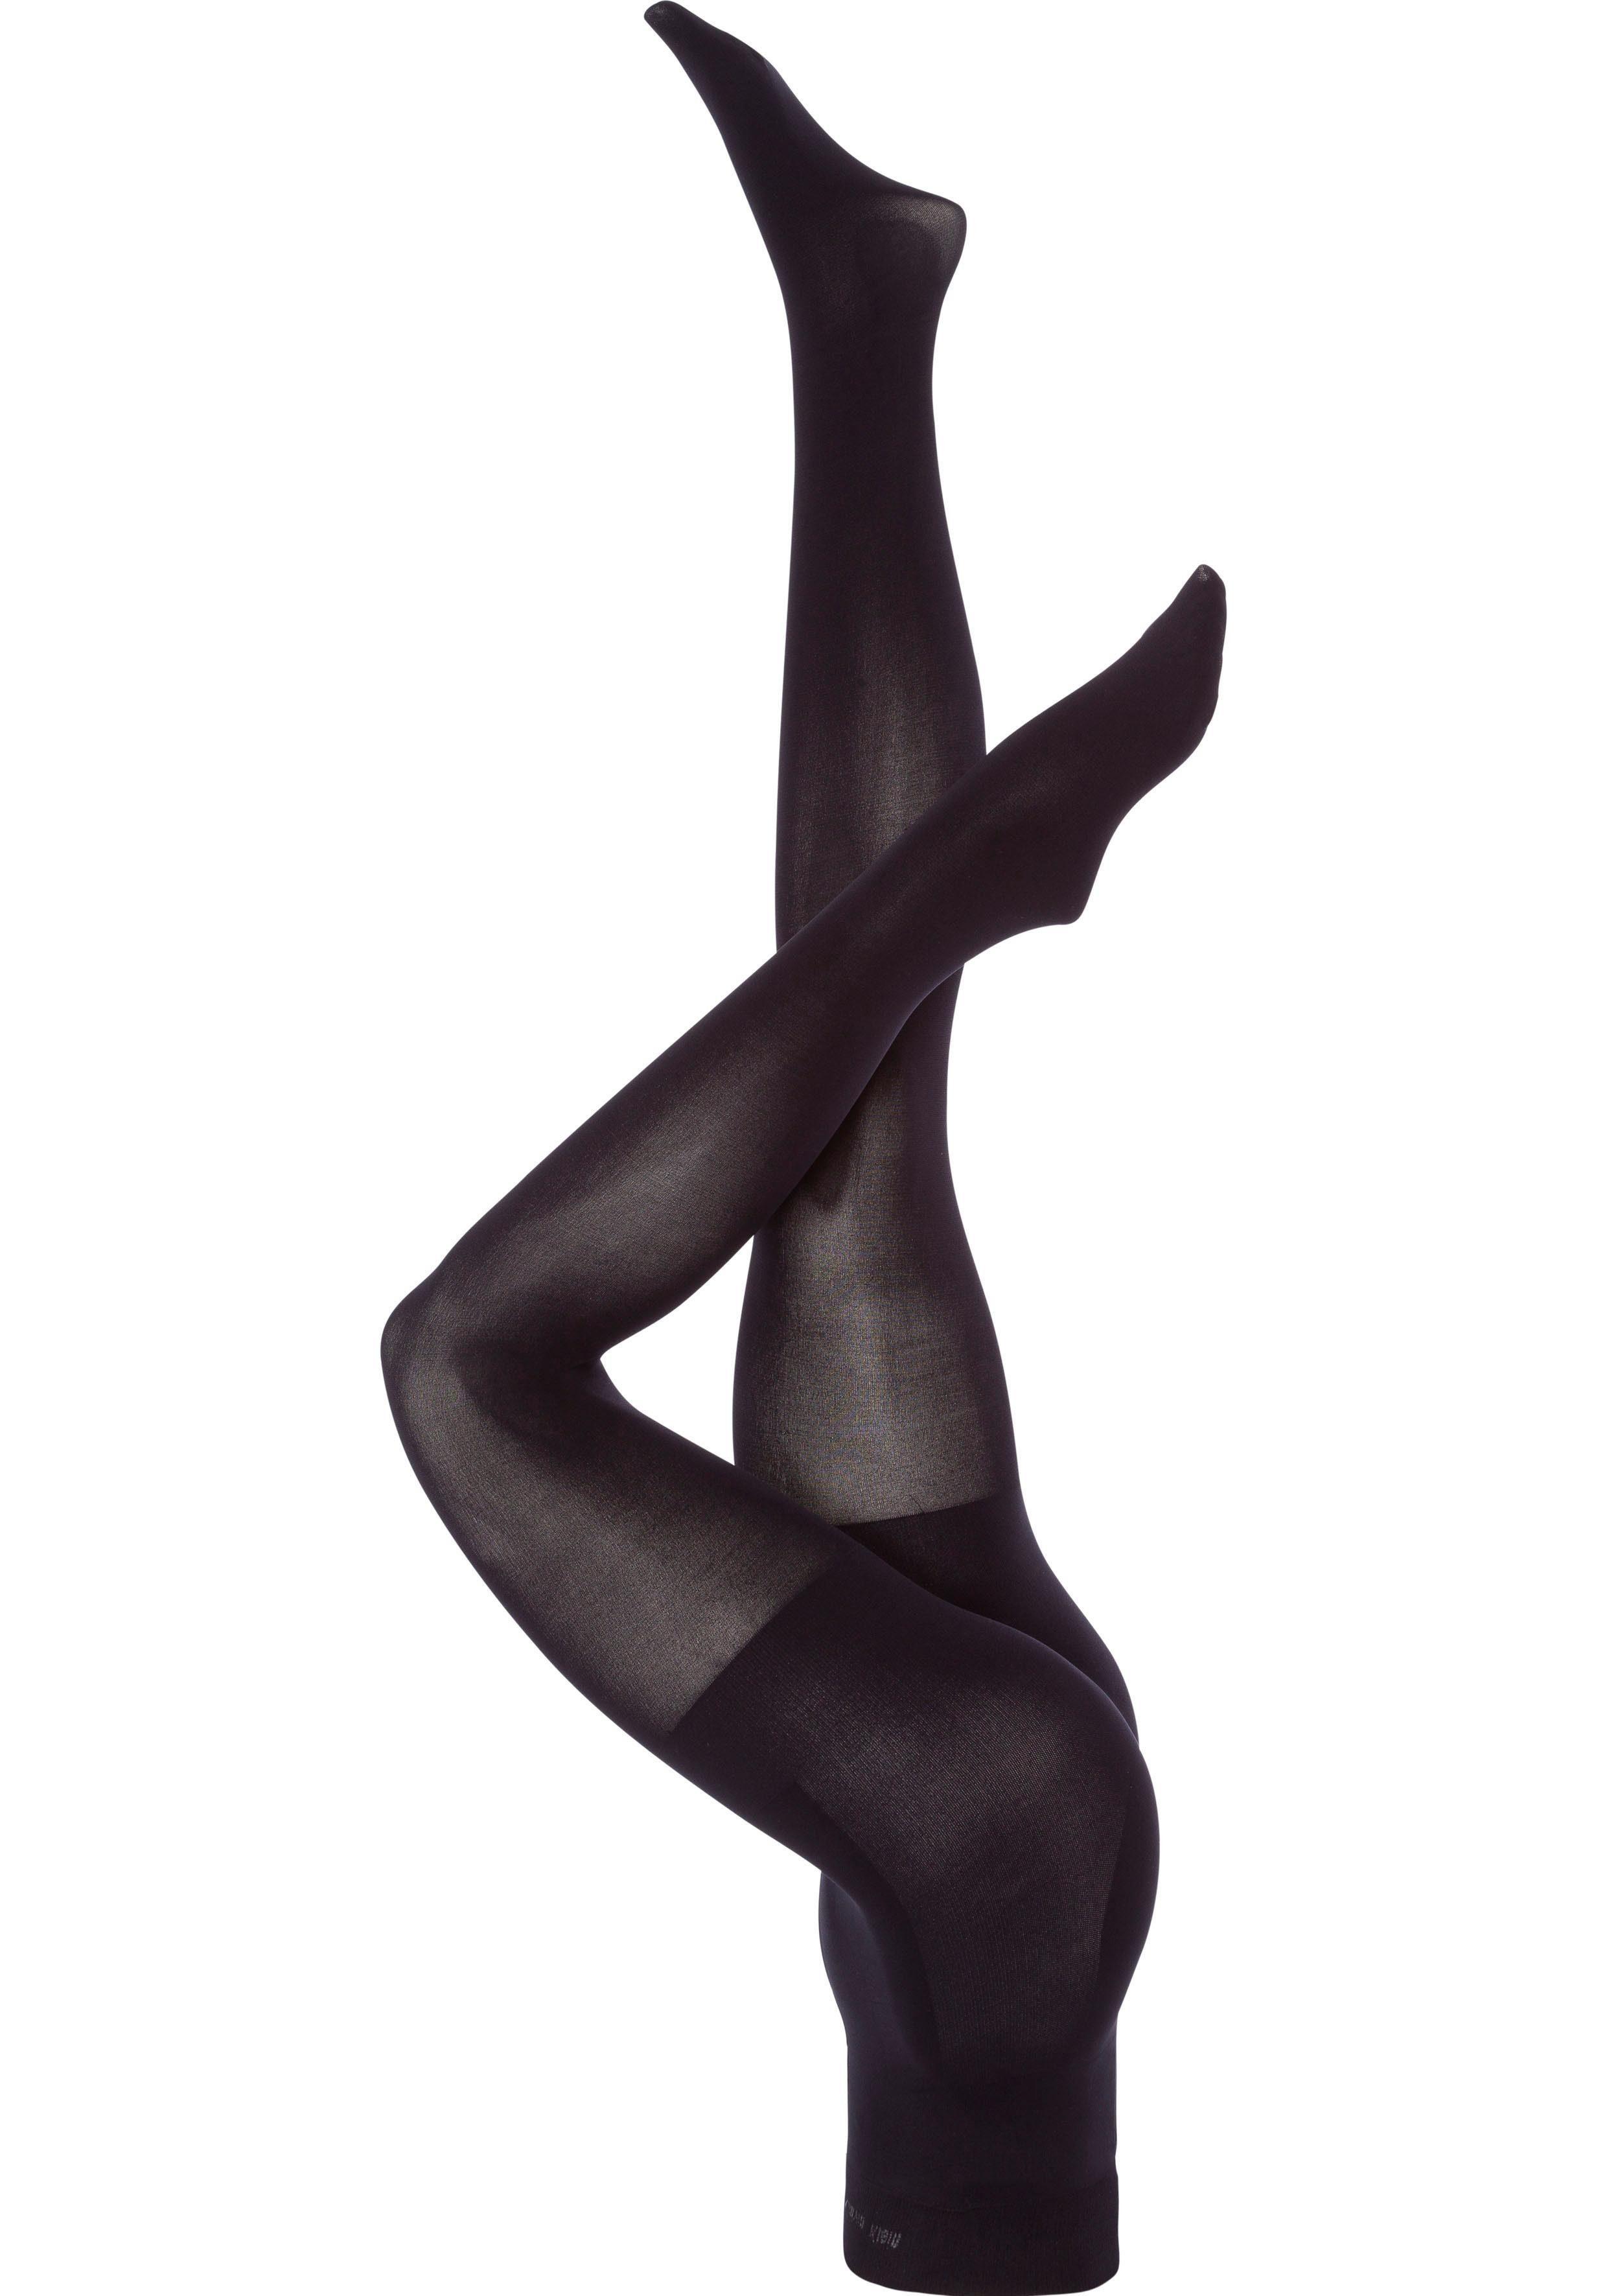 Calvin Klein Feinstrumpfhose 80 DEN (1 Stück) mit hohem Bund leicht formend